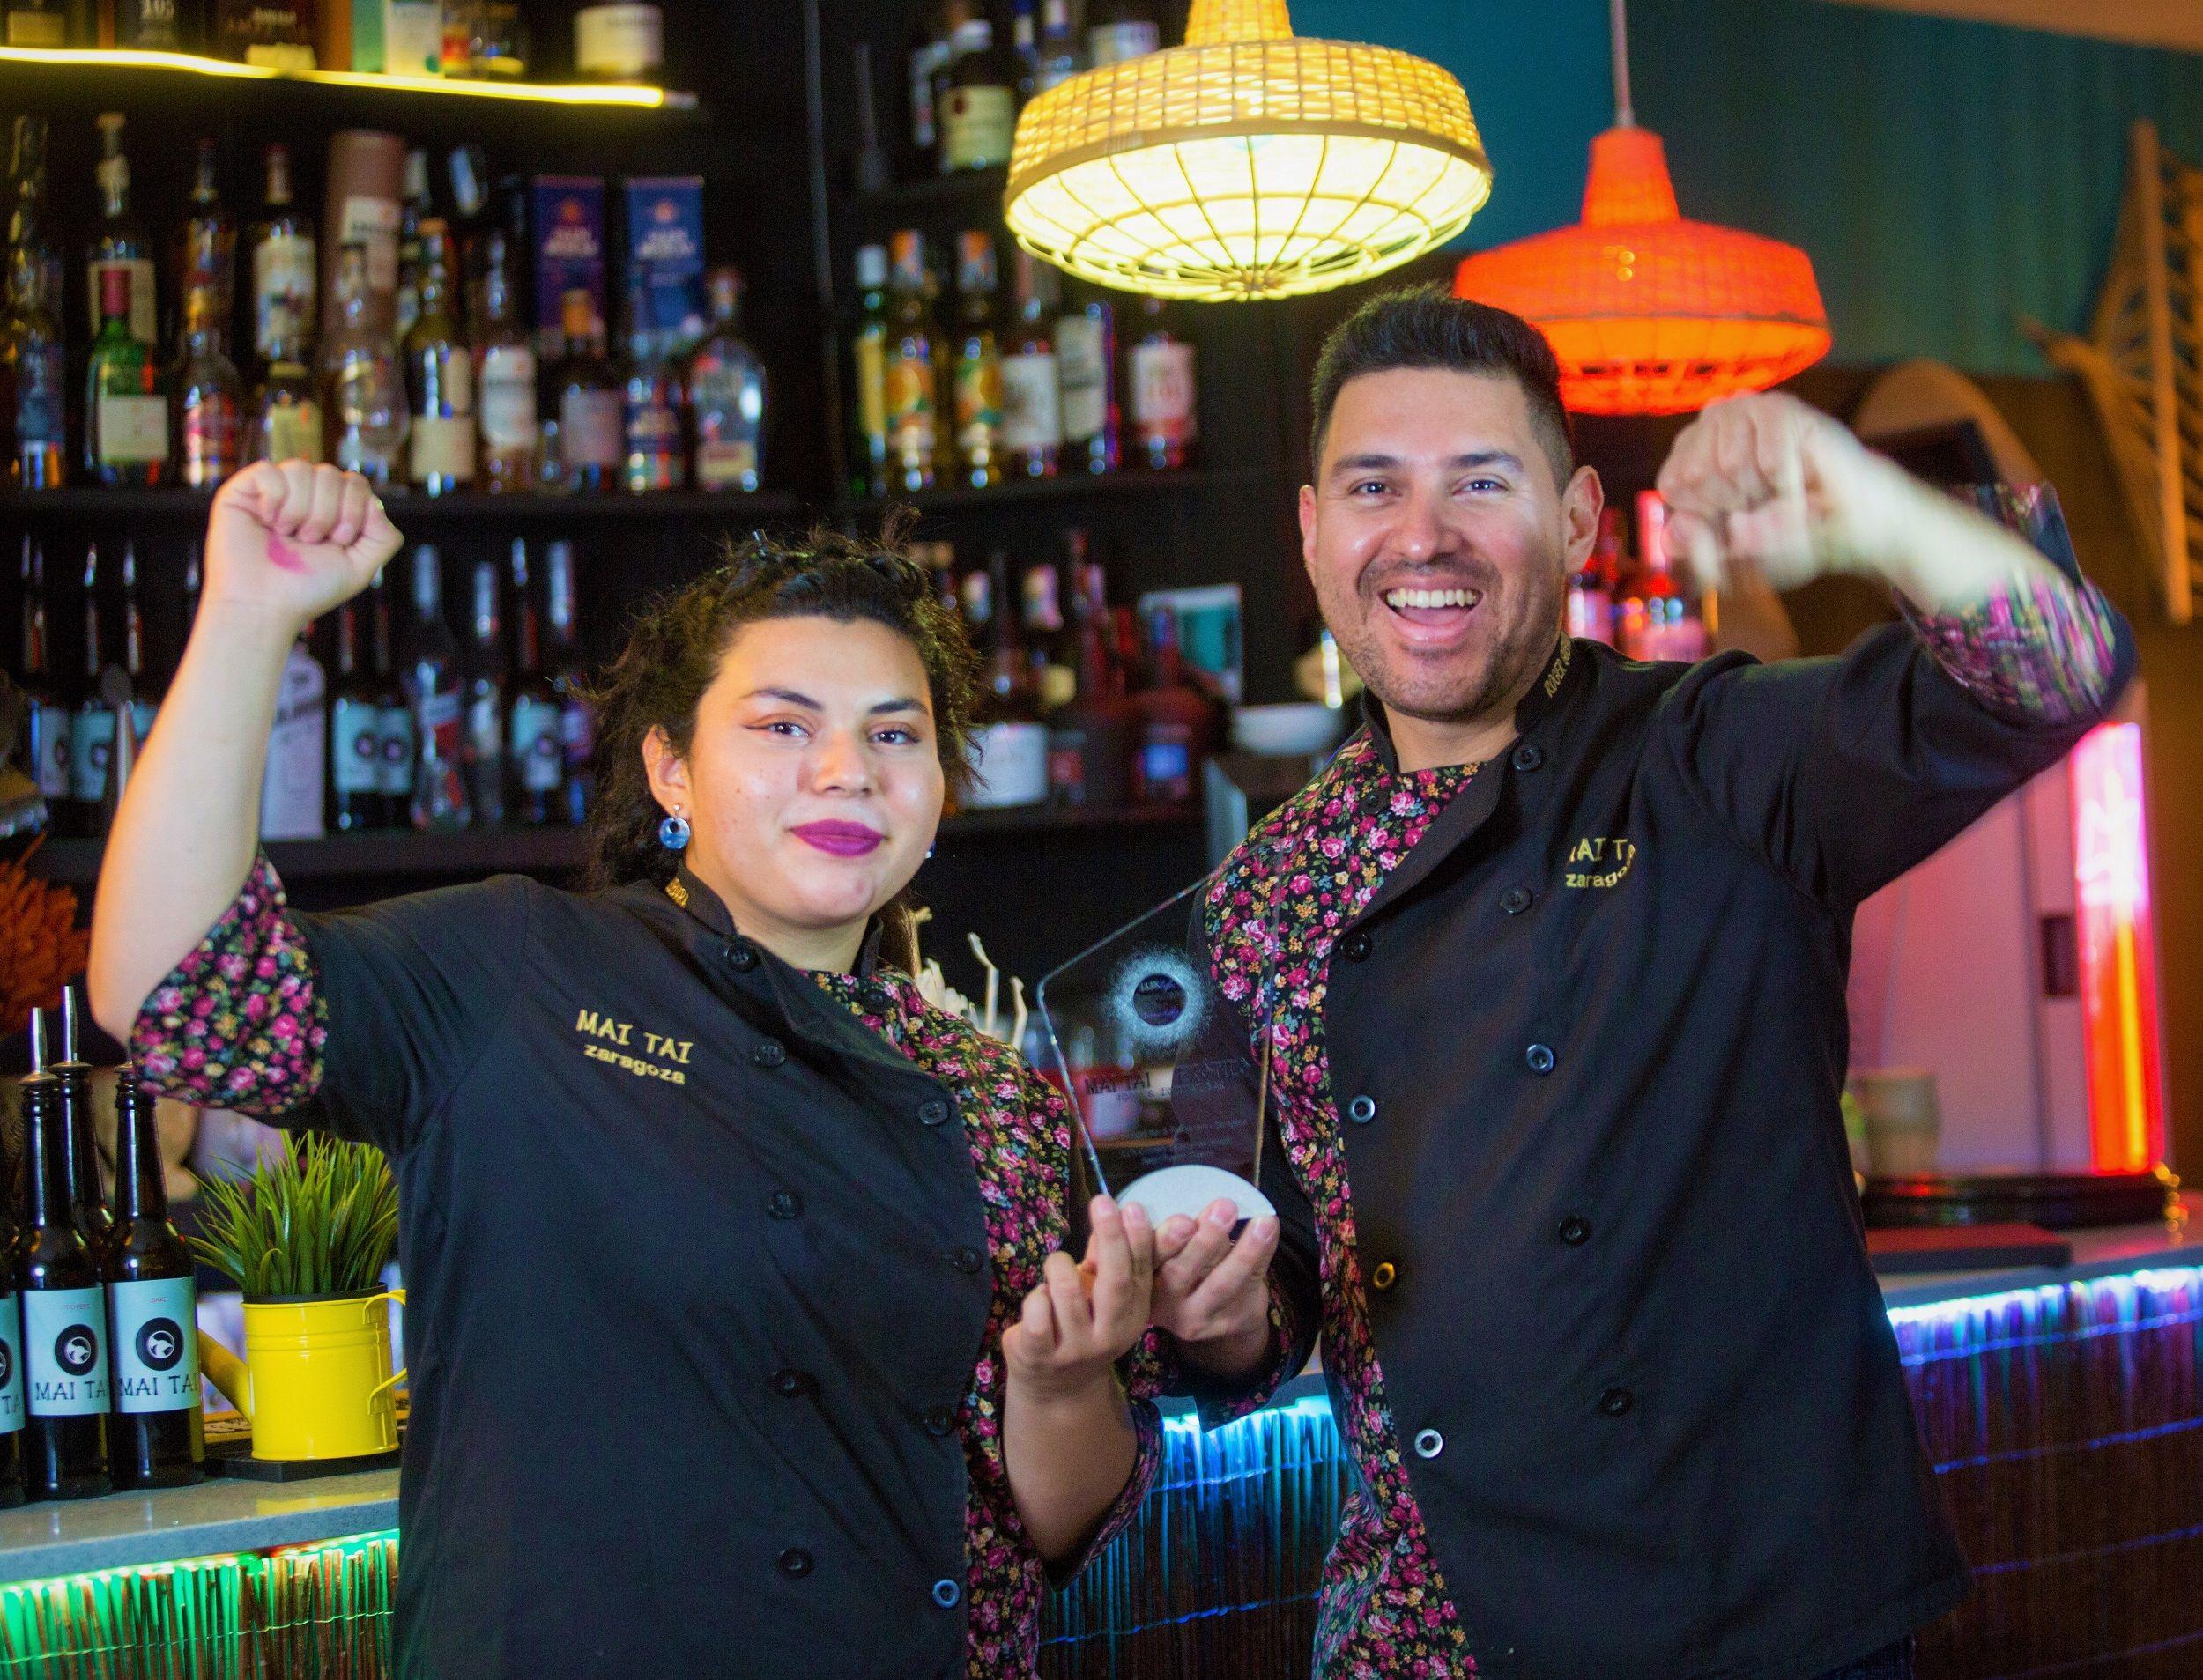 El zaragozano Mai Tai Exótico, mejor cóctel bar y restaurante por la revista Lux Life